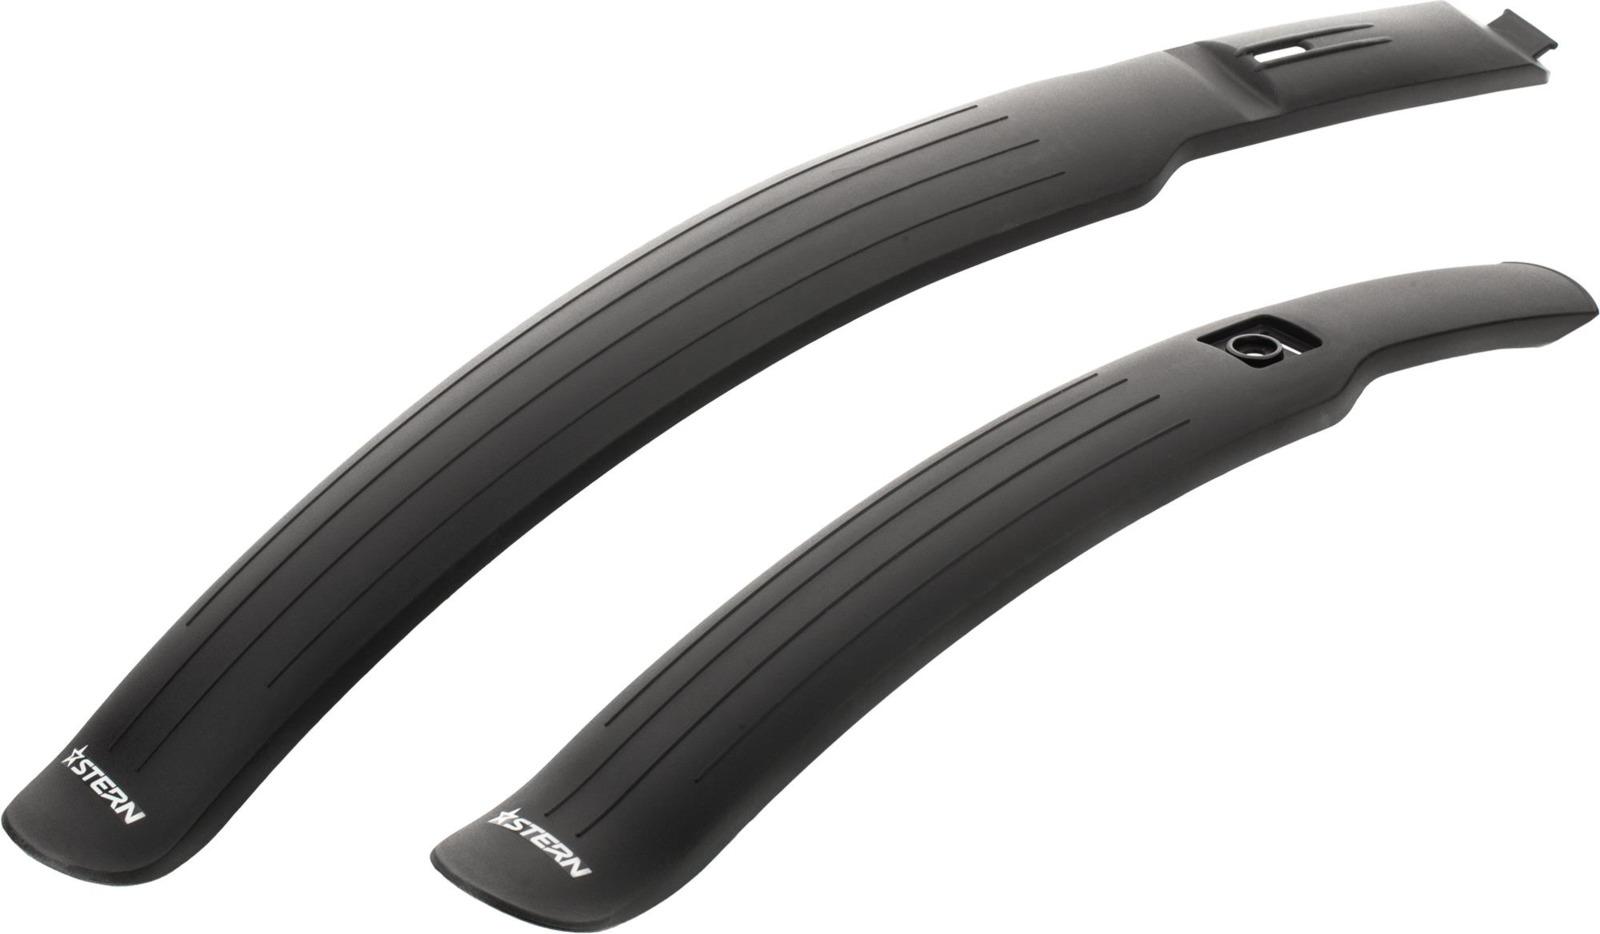 Набор крыльев Stern CMS-2, черный, 24-26 вилка амортизационная suntour гидравлическая для велосипедов 26 ход 100 120мм sf14 xcr32 rl 26